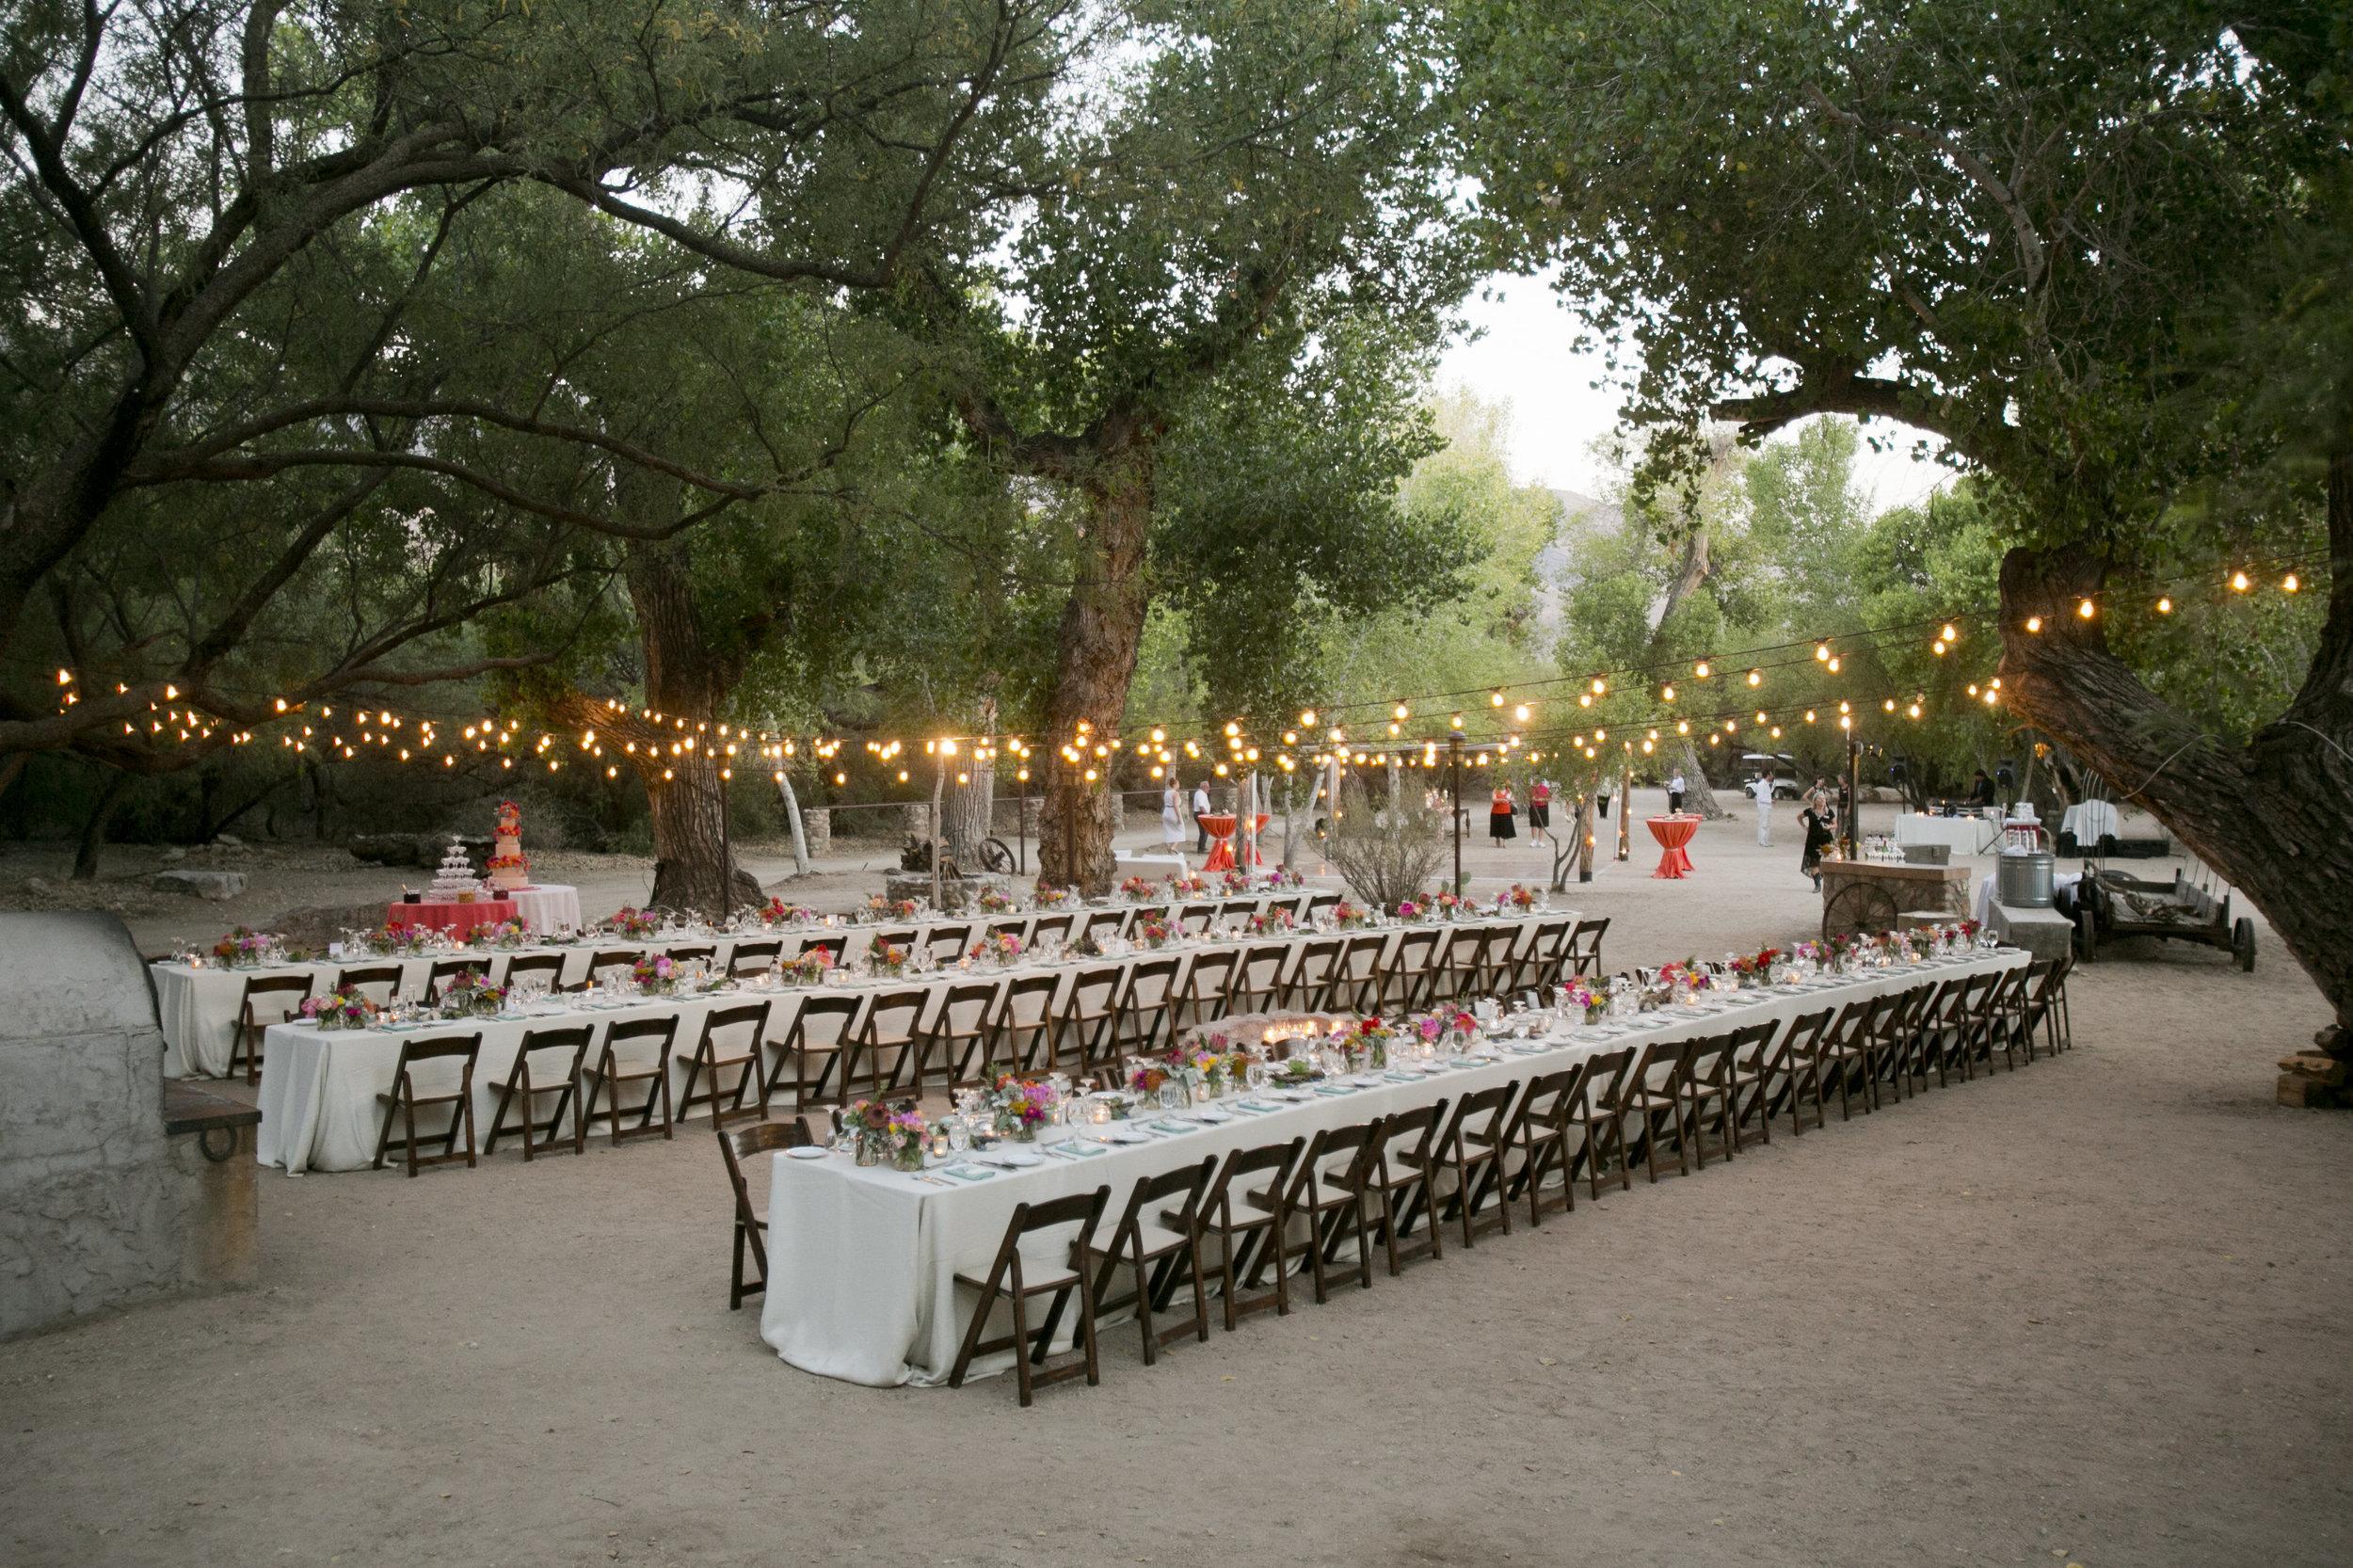 Ceci_New_York_Ceci_Style_Ceci_Johnson_Luxury_Lifestyle_Arizona_Wedding_Watercolor_Inspiration_Design_Custom_Couture_Personalized_Invitations_161.jpg